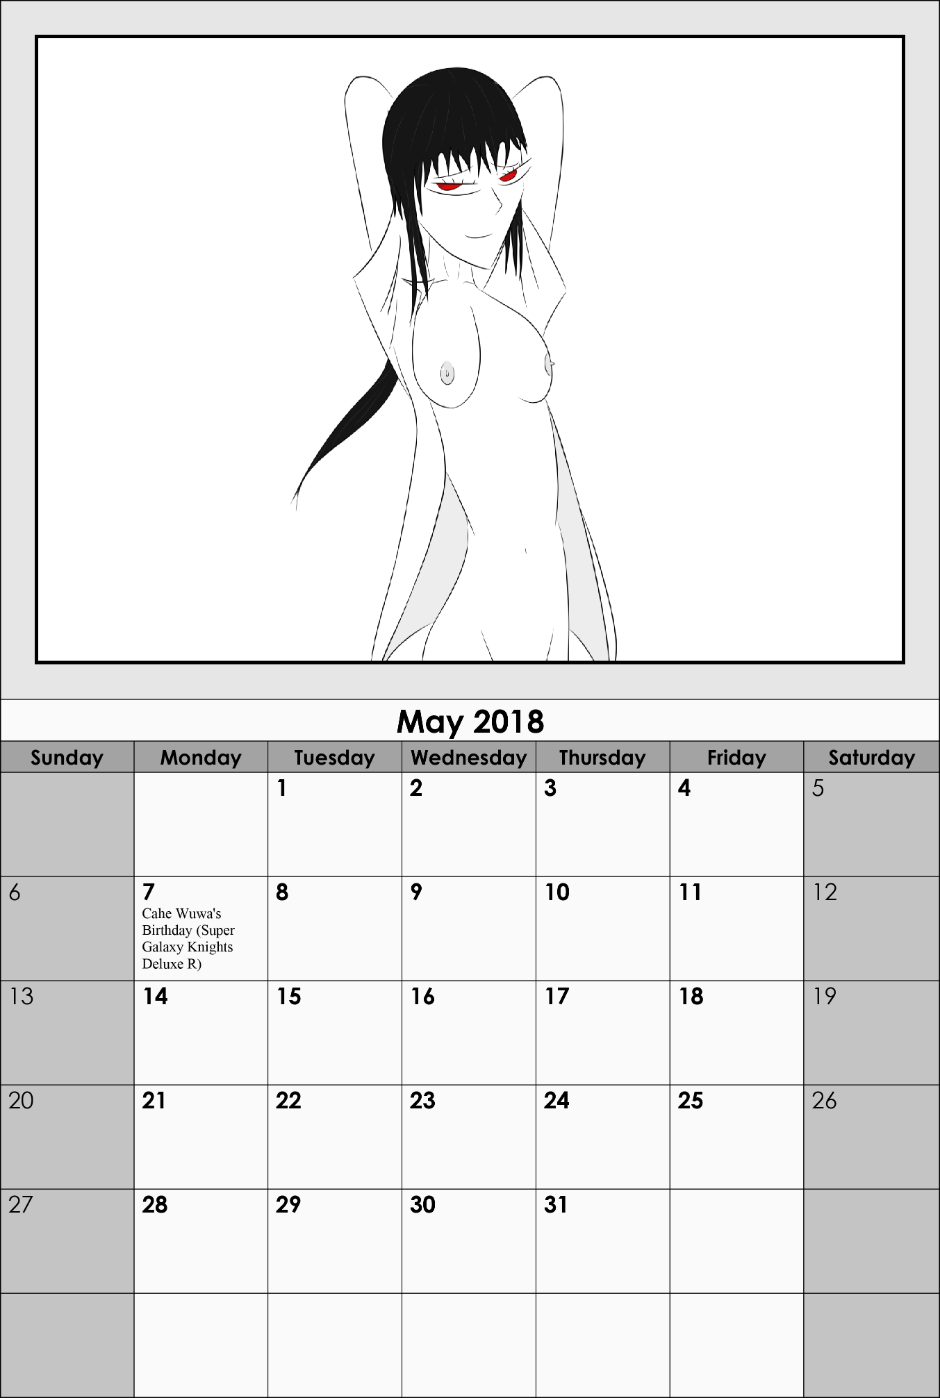 Rulerbrain - May